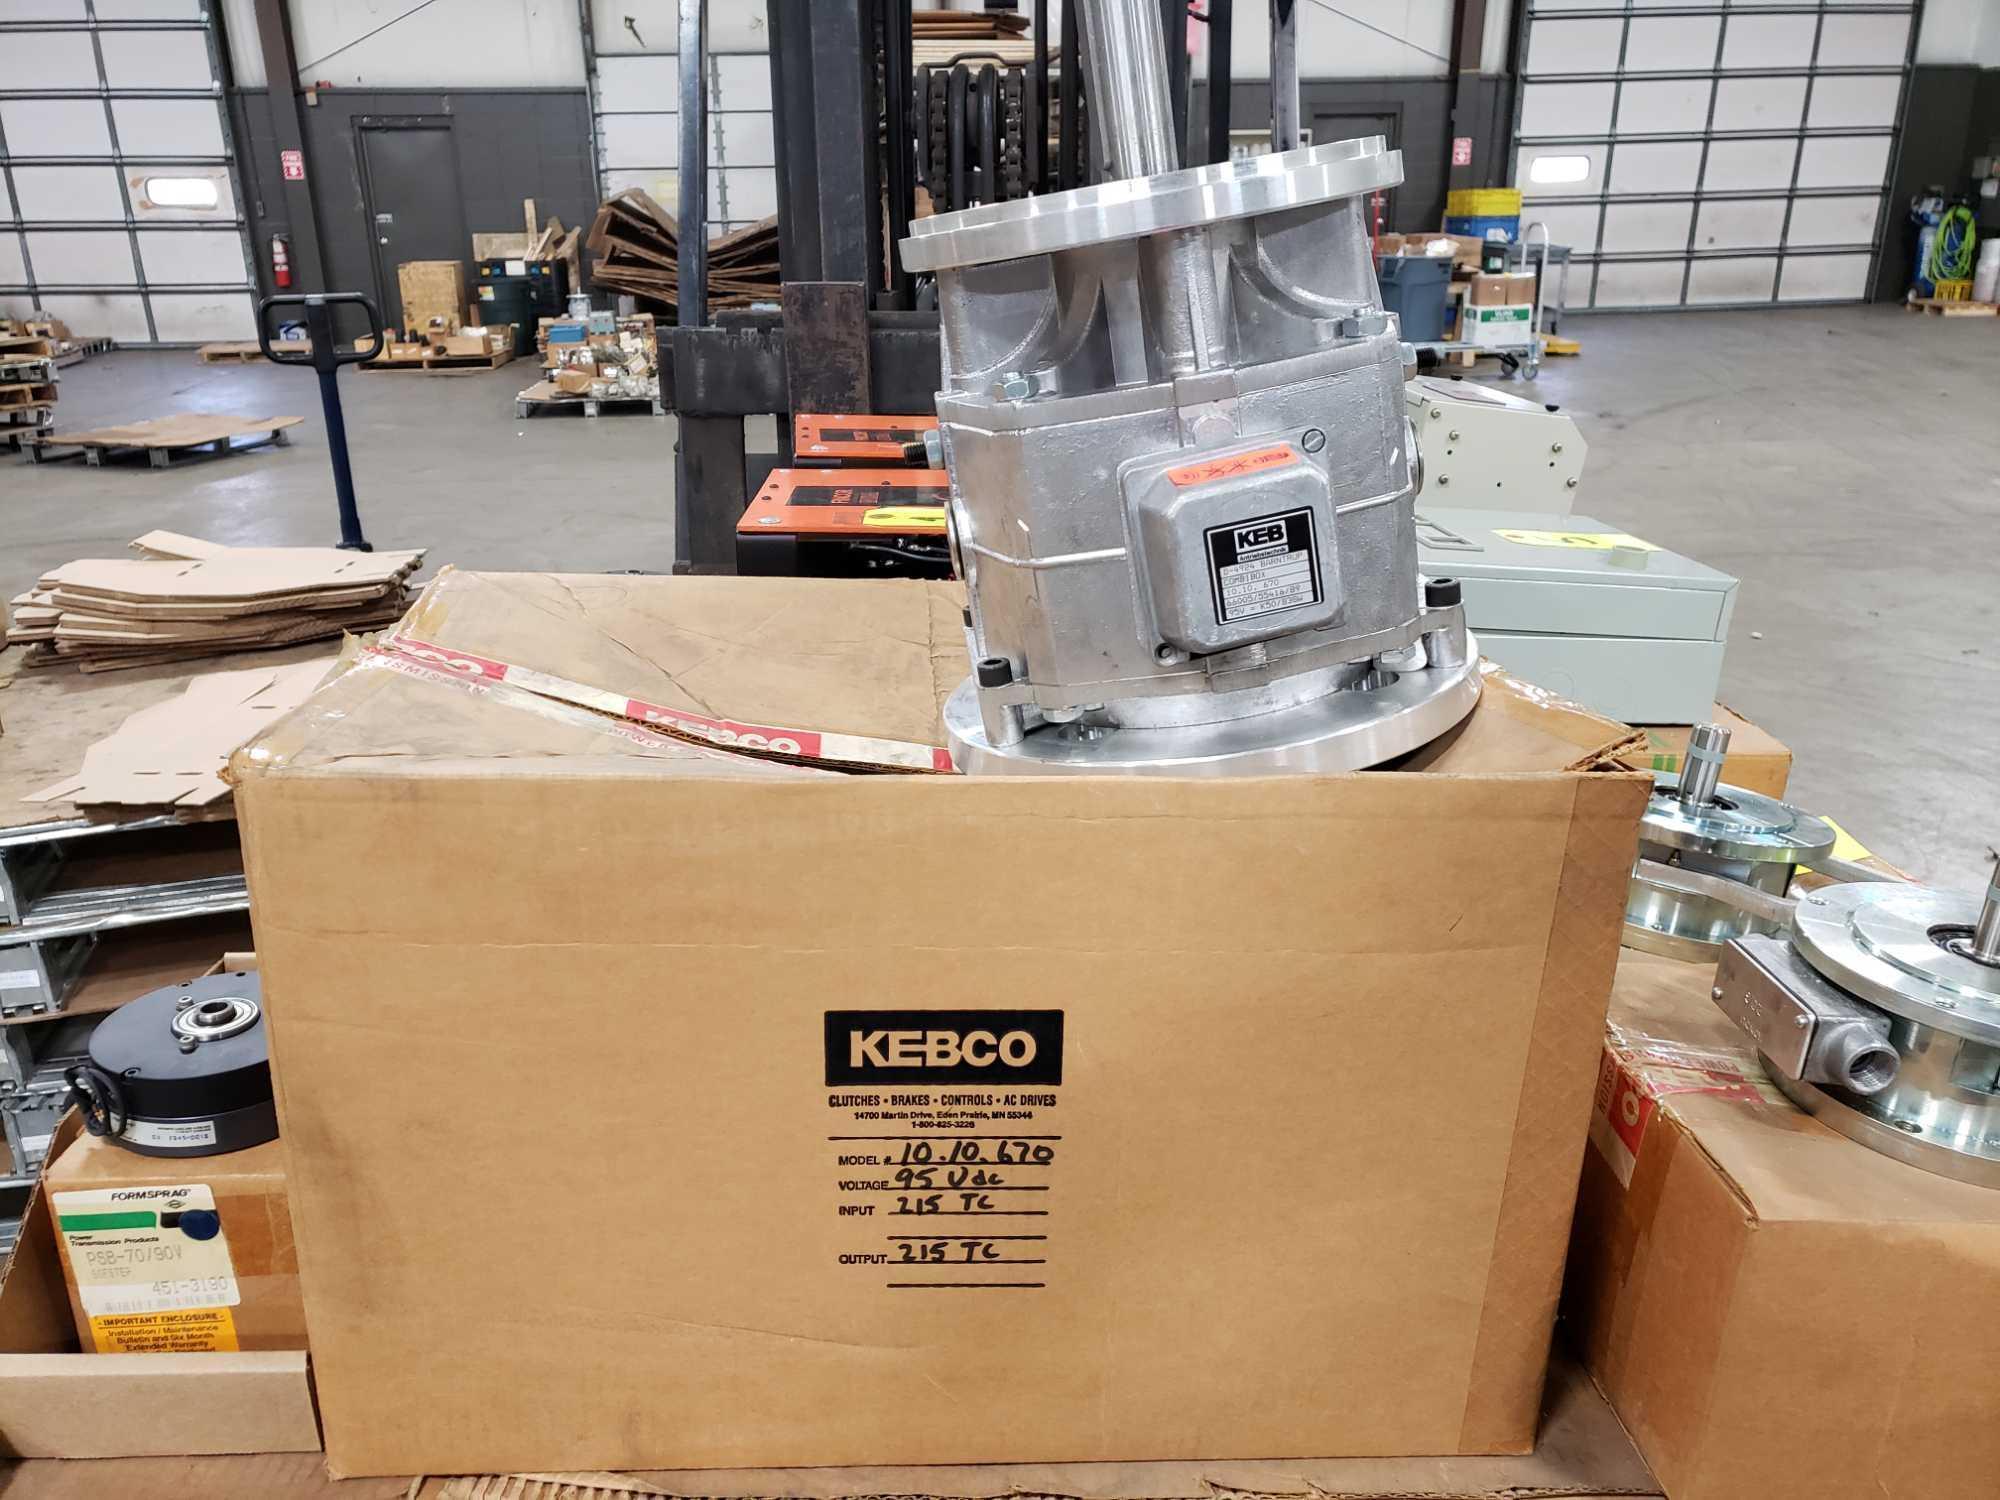 KEB Combibox model 10.10.670, 95vdc, input 215tc, output 215tc. New in box.